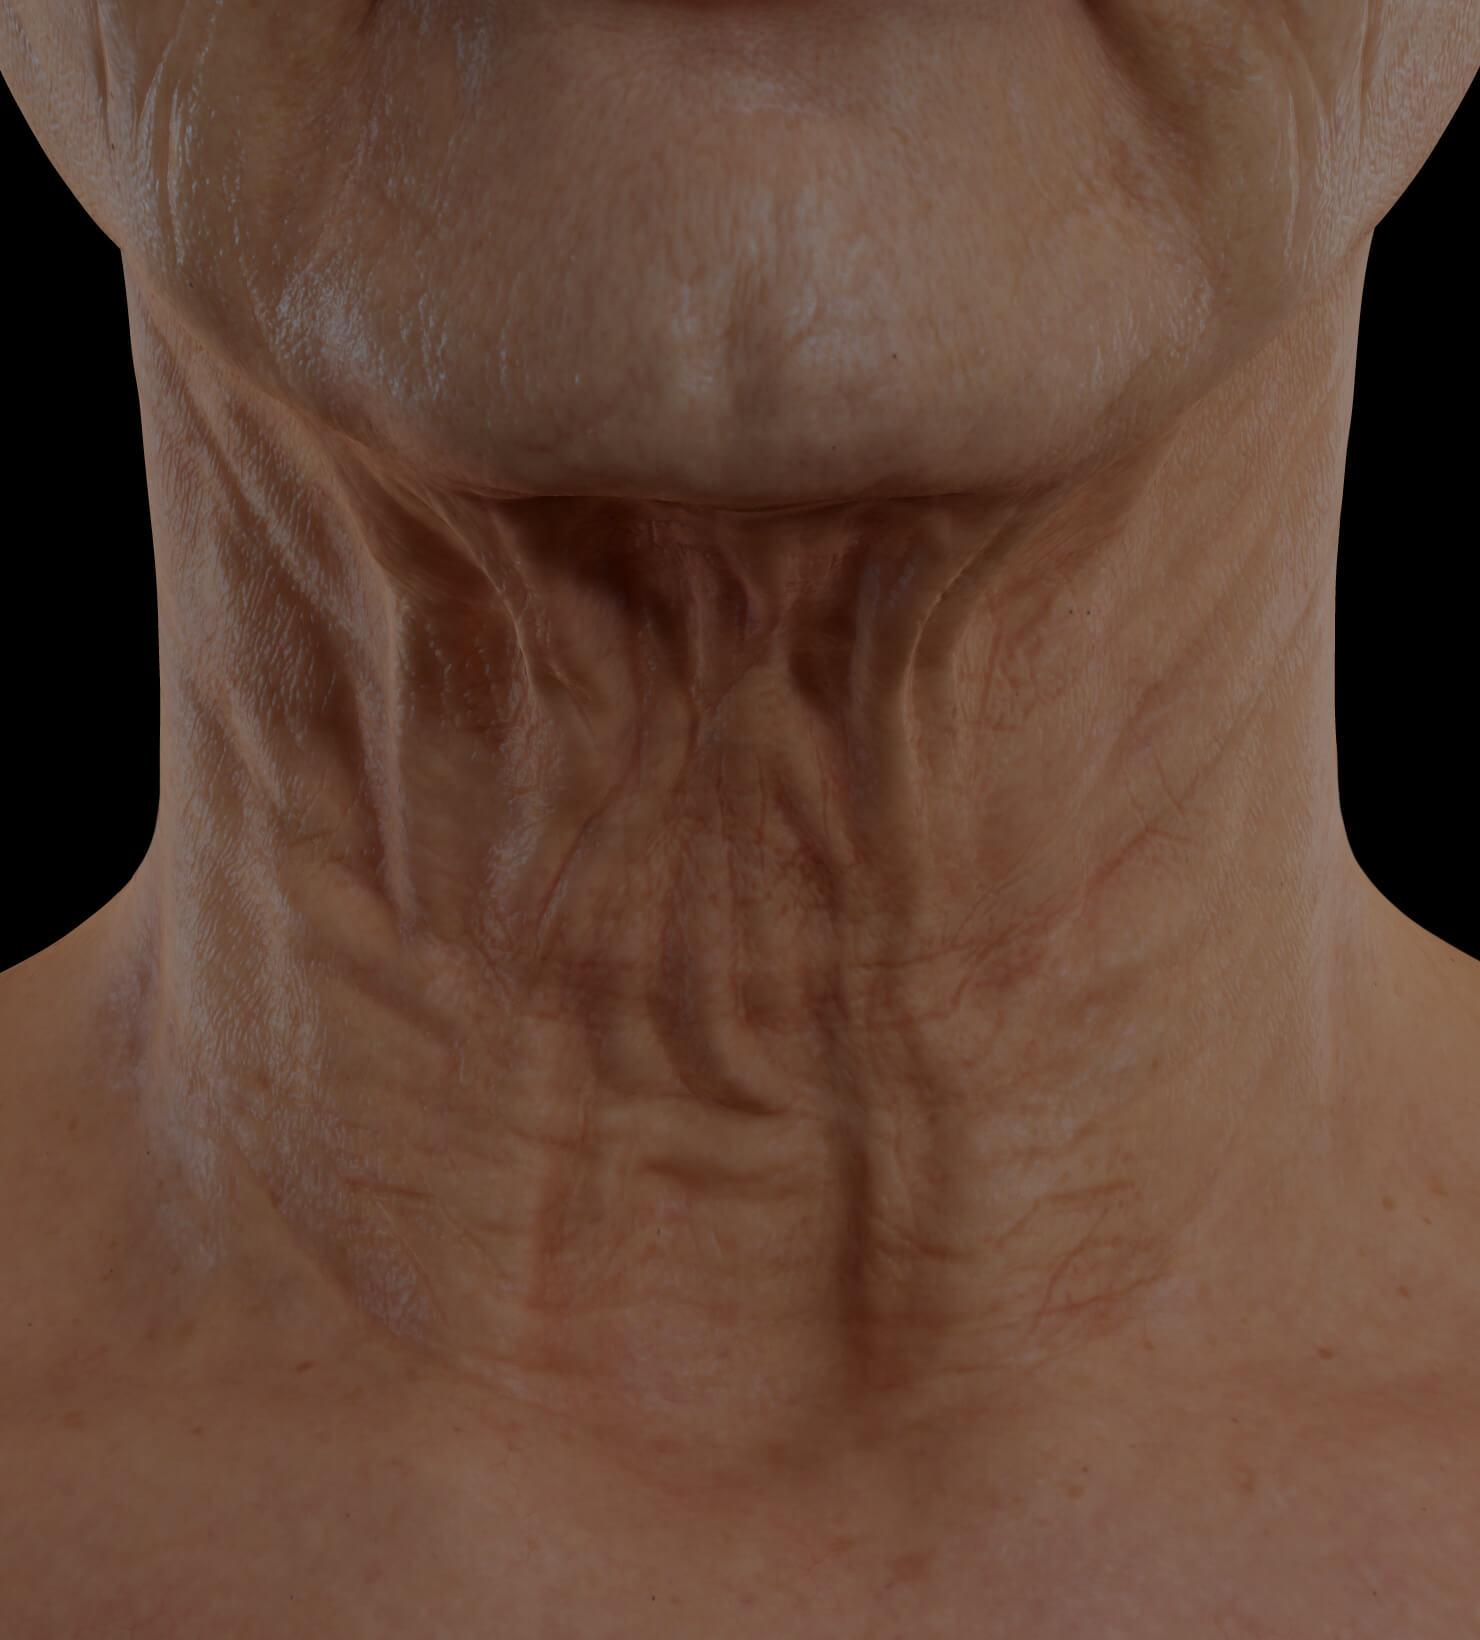 Patiente de la Clinique Chloé présentant du relâchement cutané dans le cou traitée avec le laser TightSculpting